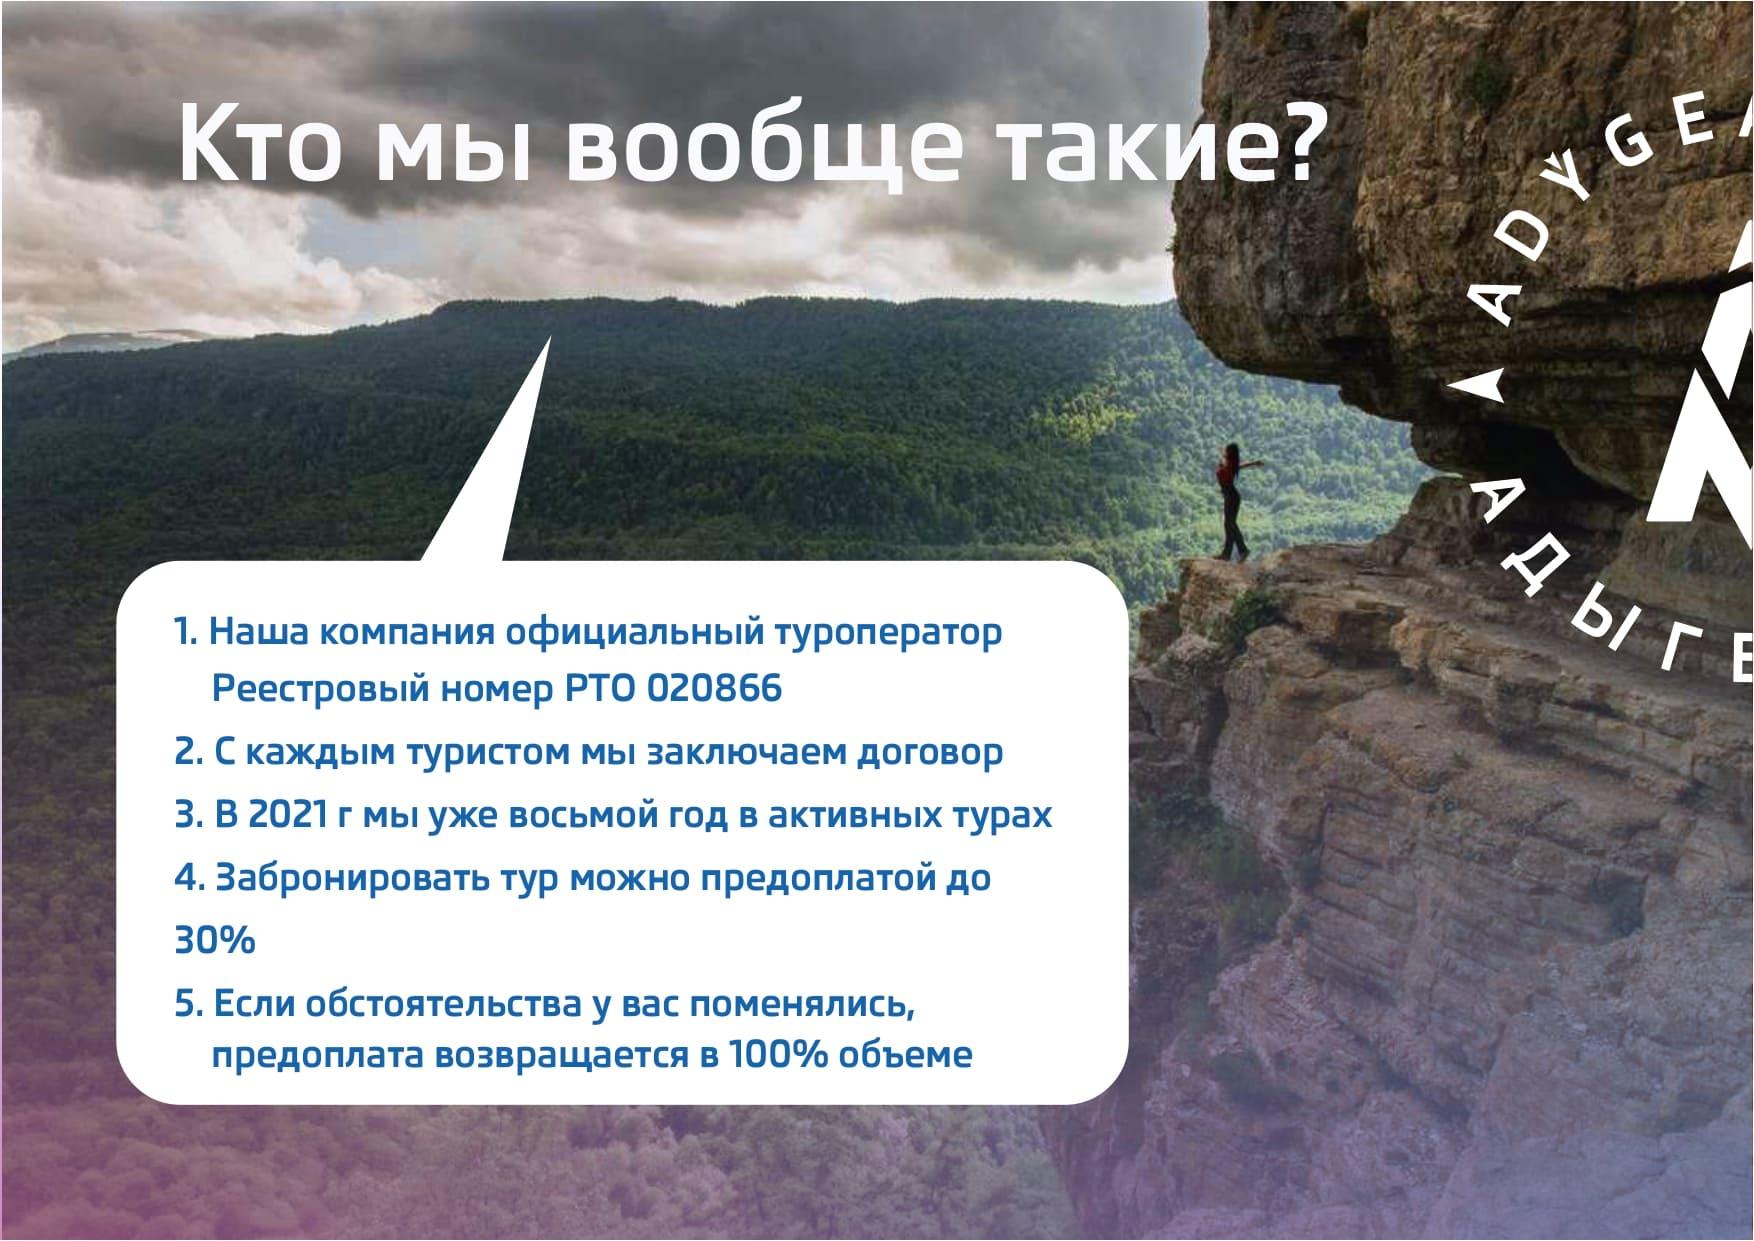 Адыгея активный тур_compressed (4)_page-0024